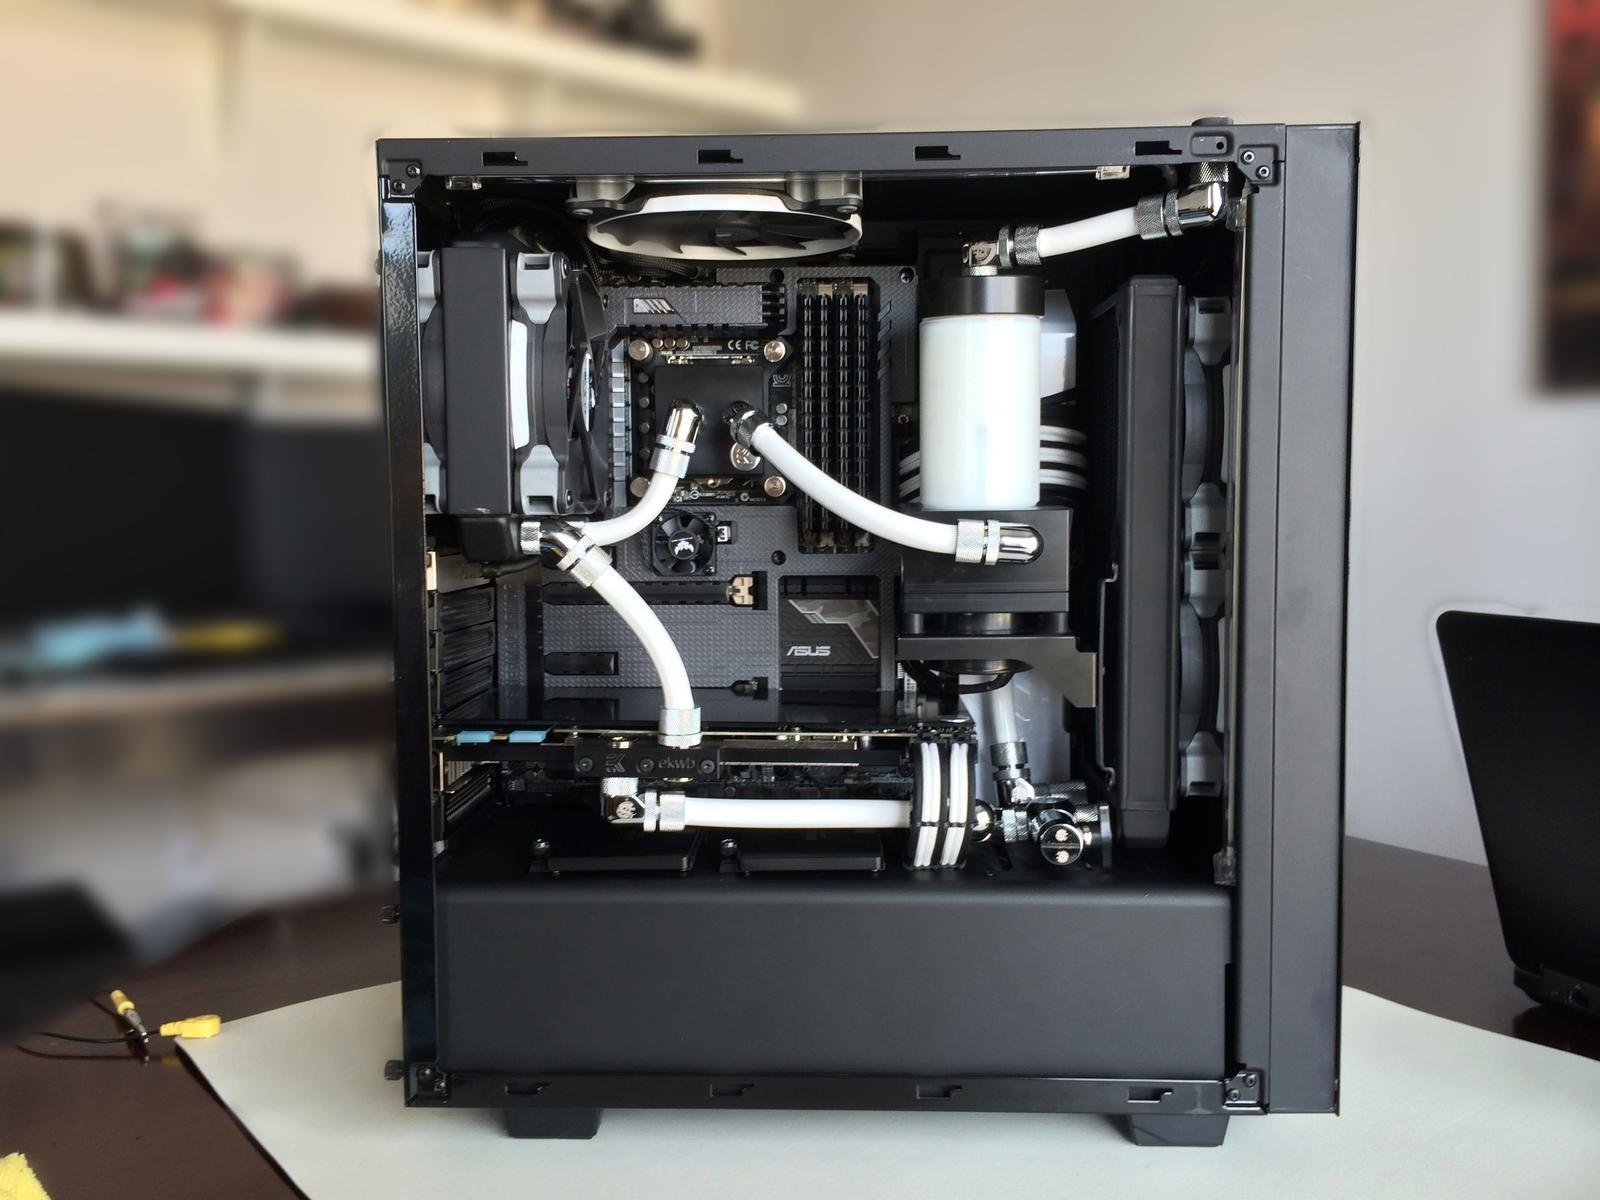 Nzxt S340 Elite Custome Water Cool Loop Gaming Room Setup